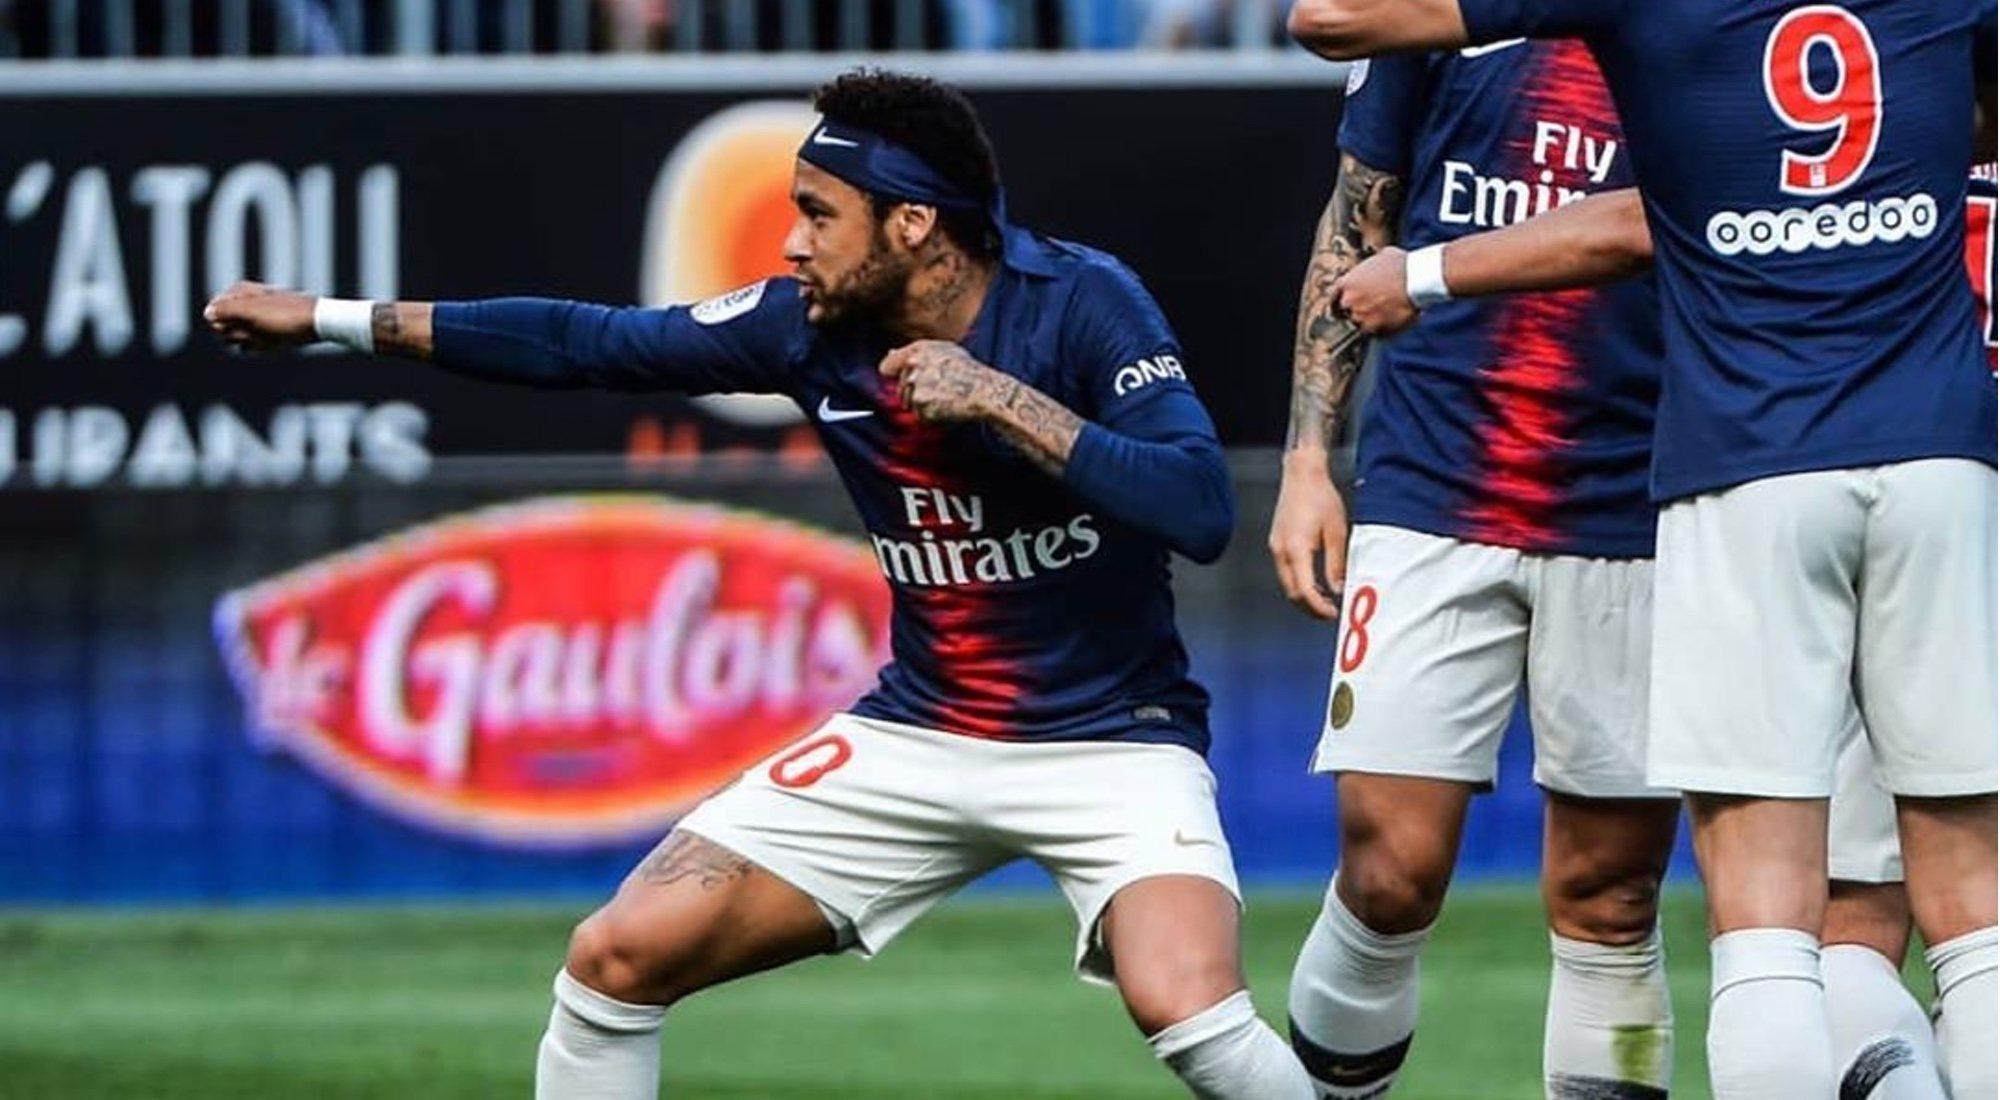 La cinta de pelo de Neymar: ¿look atrevido o excusa para ganar más dinero?